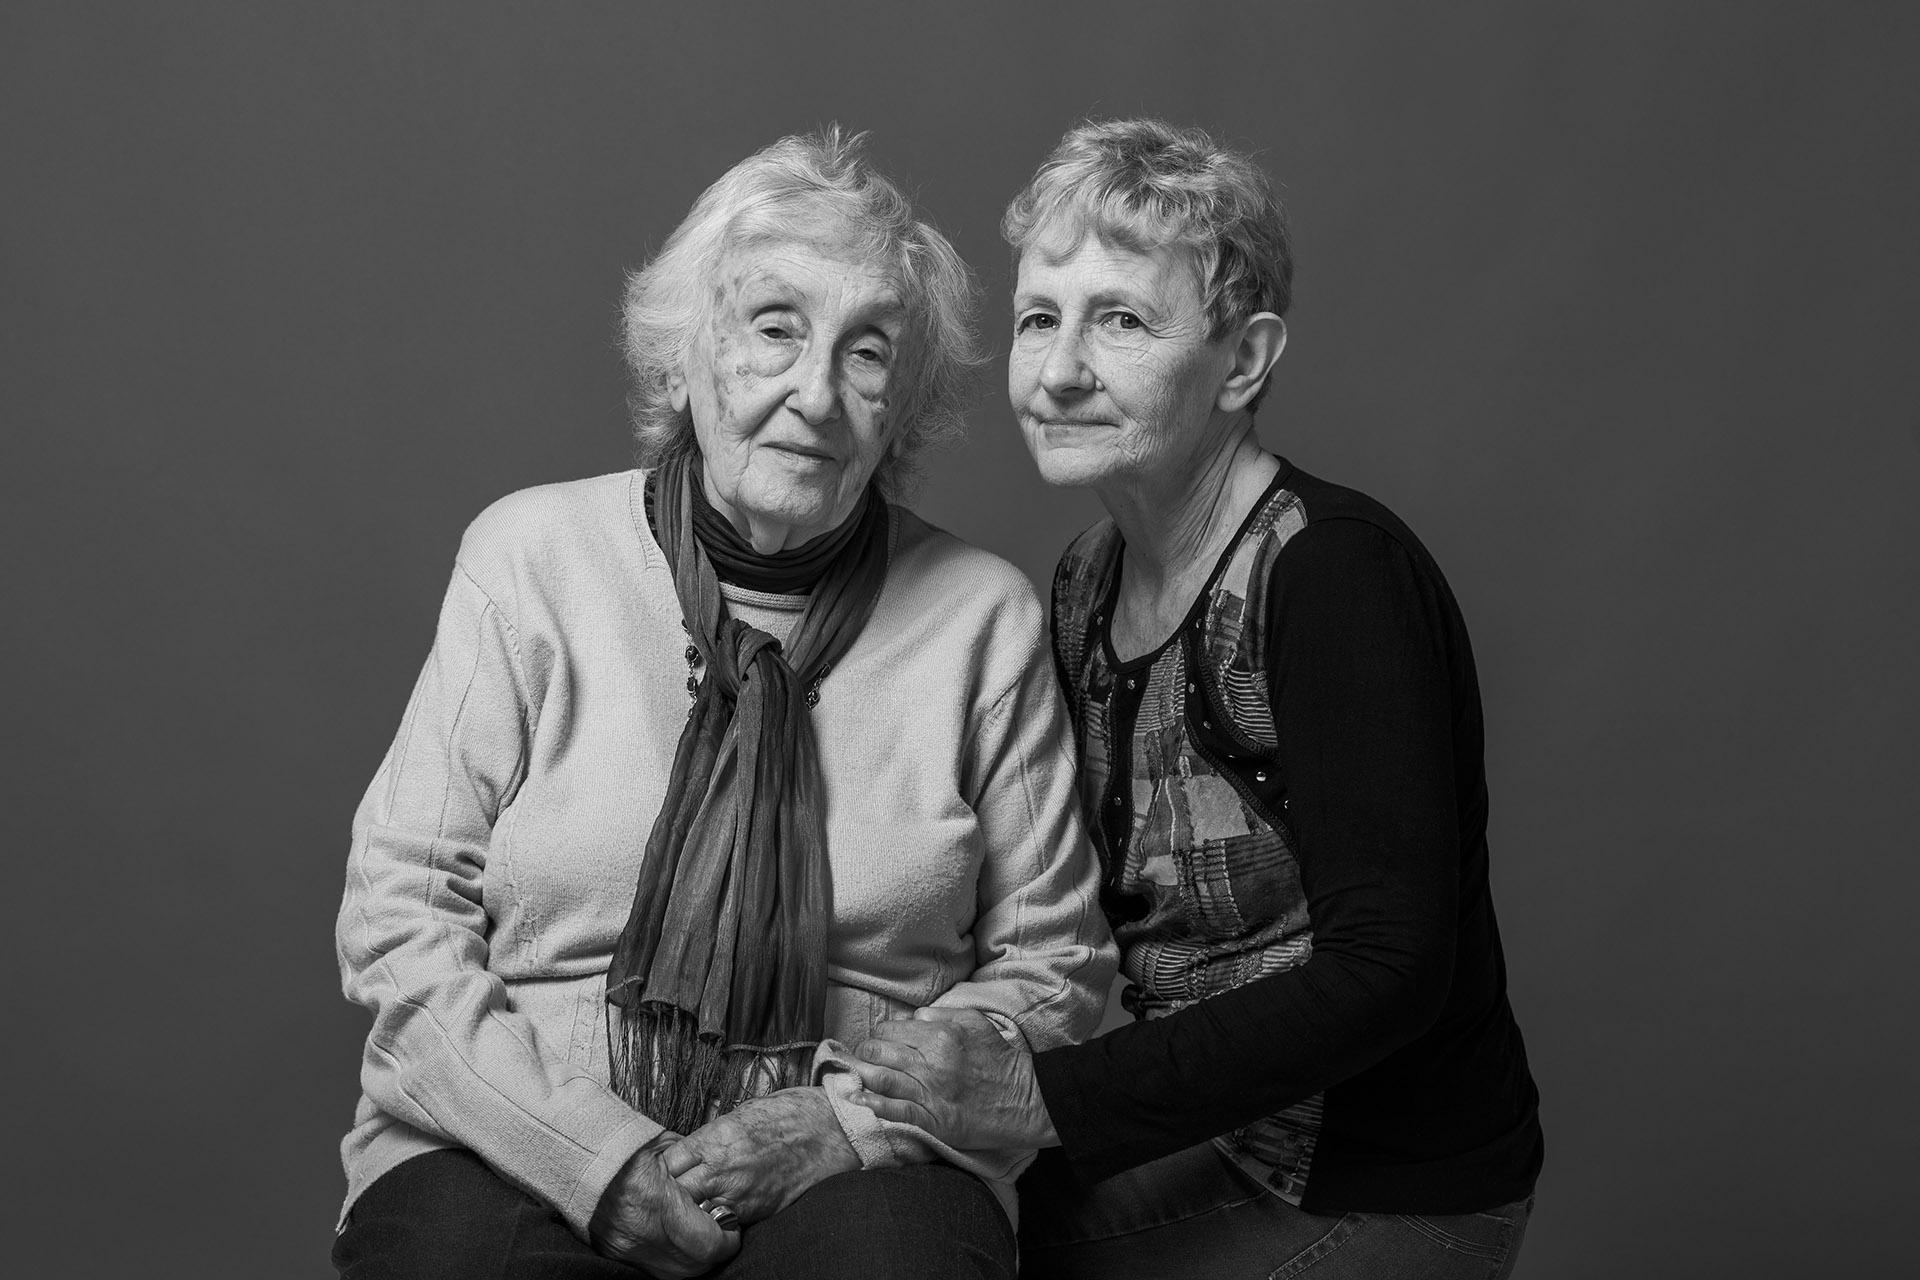 """Tamara Bursuck de Scher y Marta Goldfarb. Trabajaban juntas en la AMIA: ambas son sobrevivientes del atentado. A partir de aquella tragedia formaron un vínculo y hoy son grandes amigas. """"La muerte nos pasó por encima, pero hoy nos une la vida"""", aseguran"""